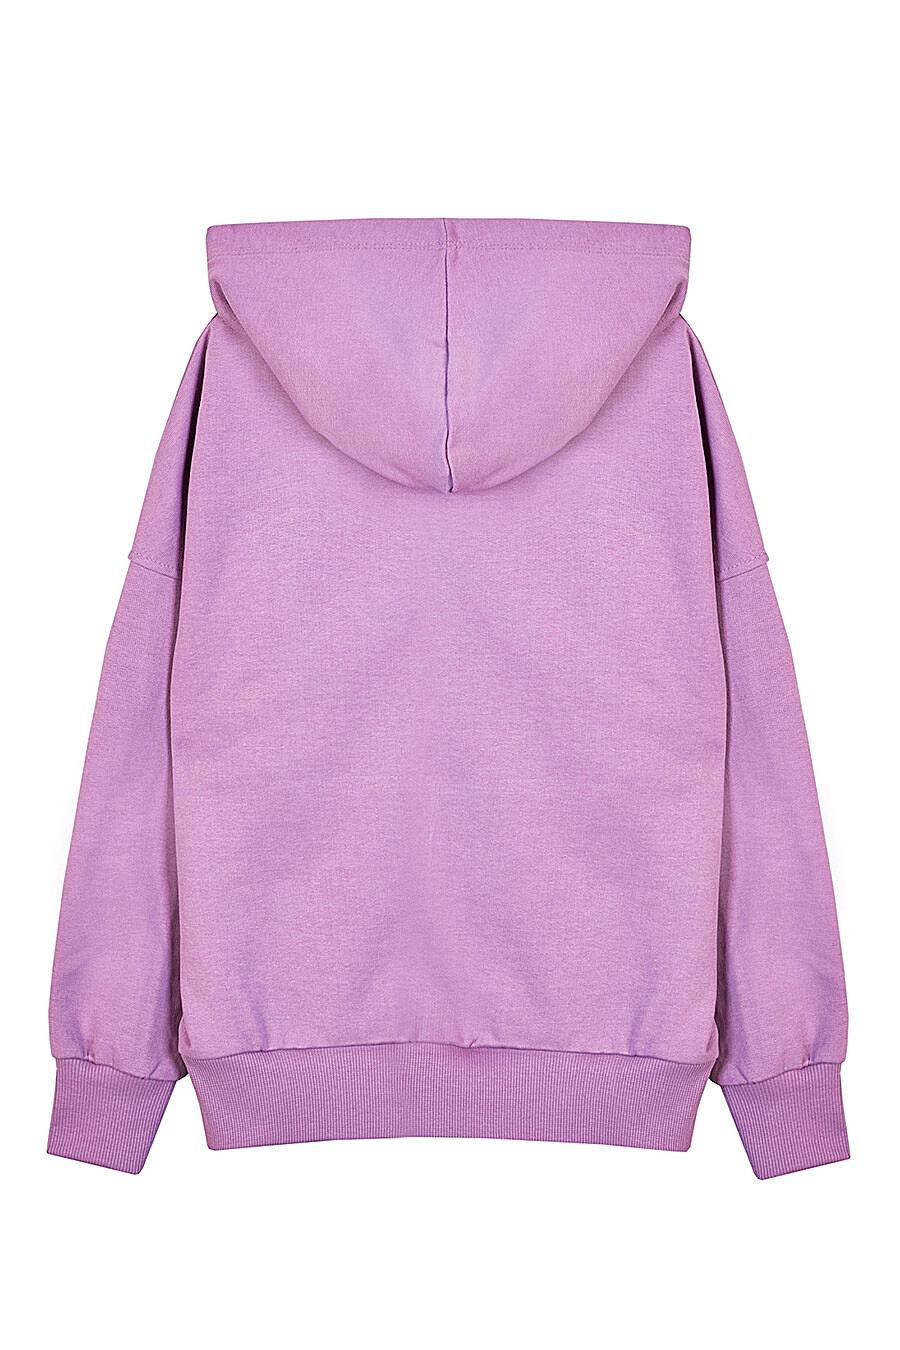 Костюм (Брюки+Худи) для девочек KOGANKIDS 682751 купить оптом от производителя. Совместная покупка детской одежды в OptMoyo